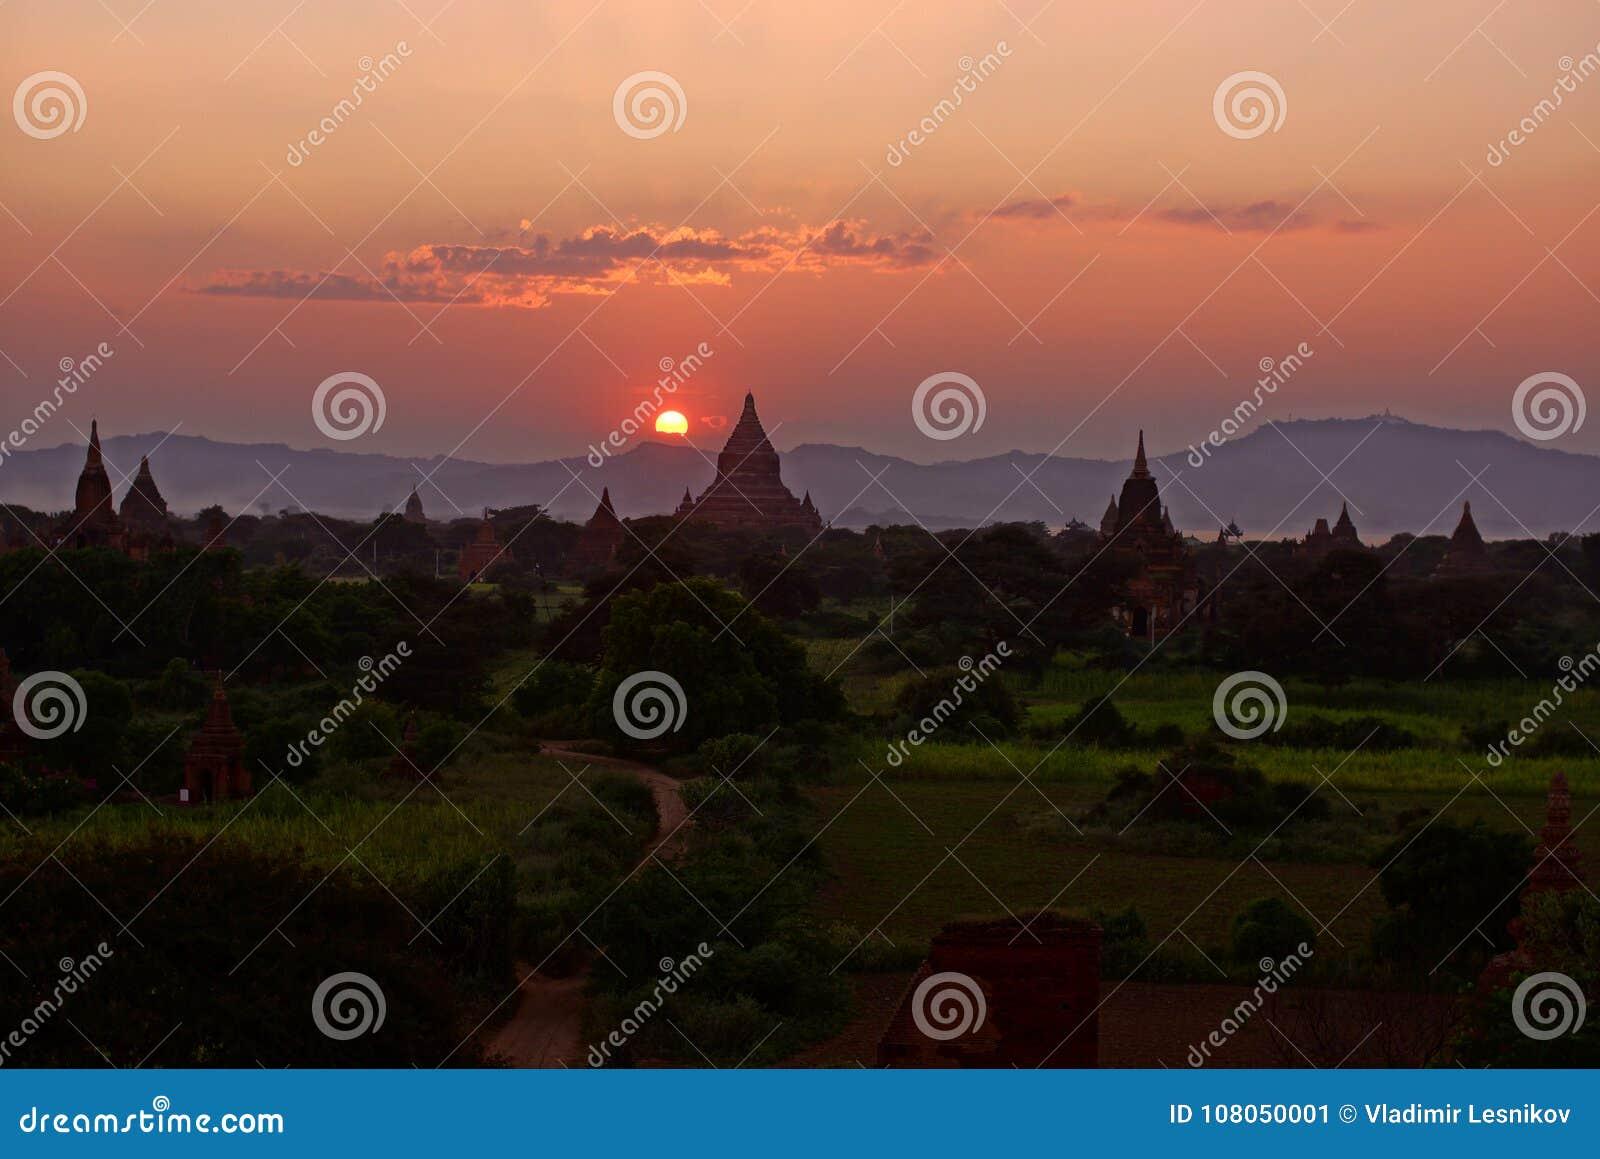 Bagan przed zmierzchem, Birma, Azja